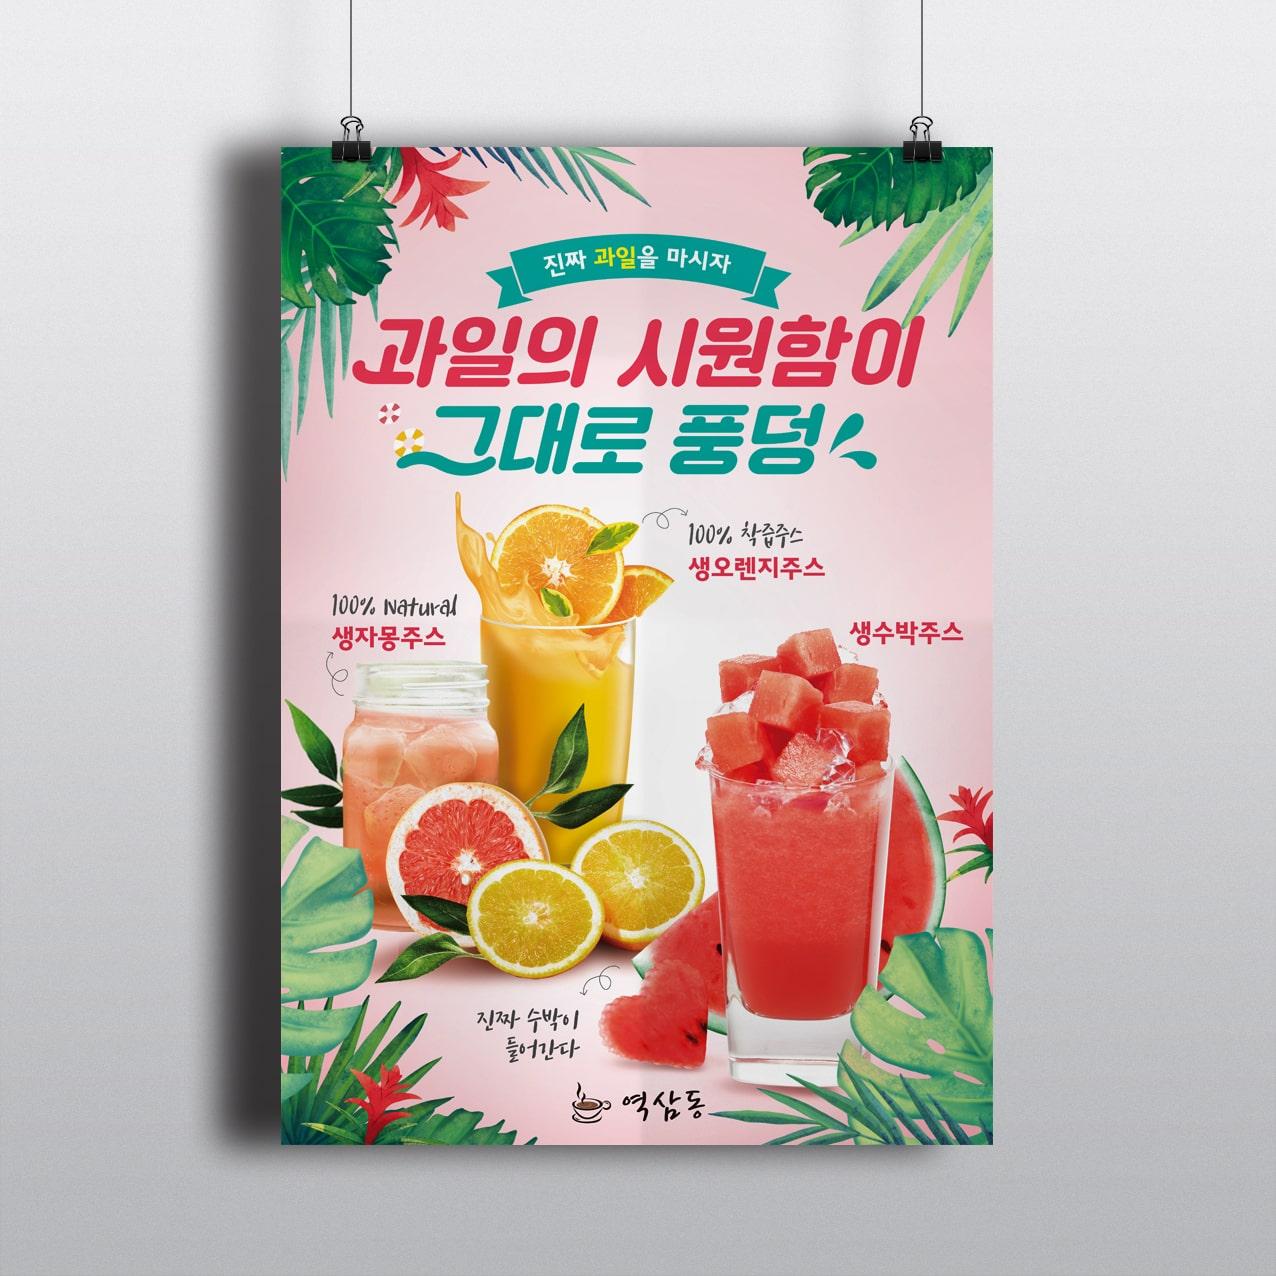 과일의 시원함이 그대로 풍덩 카페 포스터 디자인 시안 - 카페 역삼동